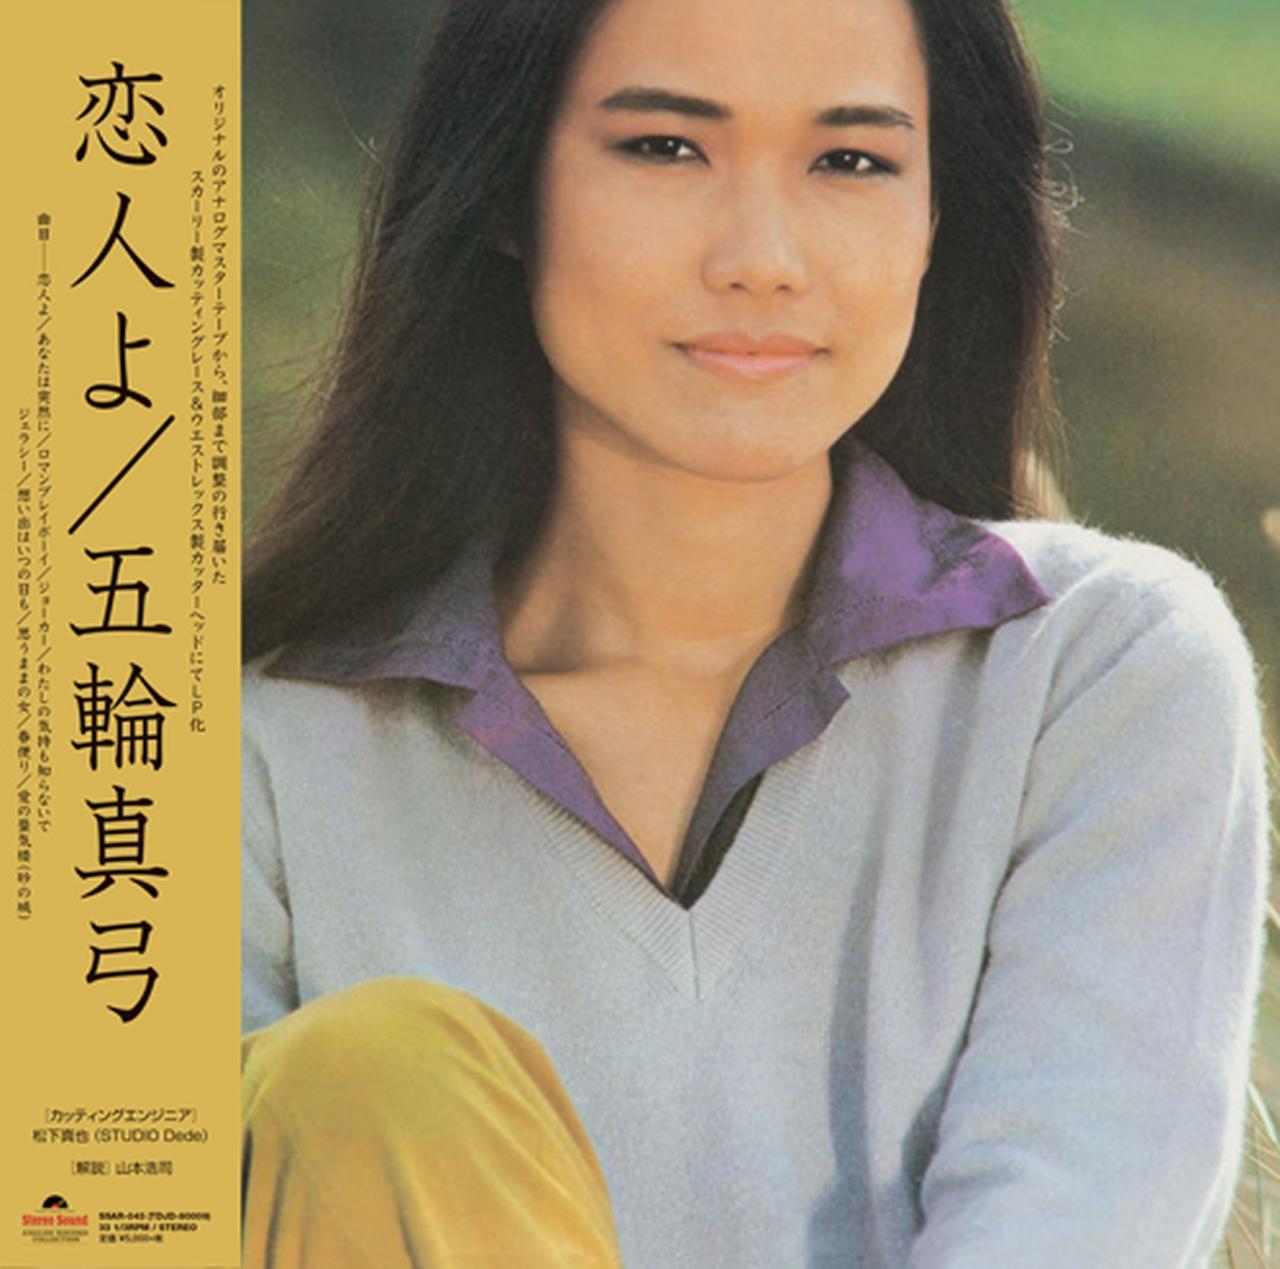 画像: 五輪真弓「恋人よ」(アナログレコード)SSAR-043 ¥5,500(税込) 4月7日(火曜日)発売